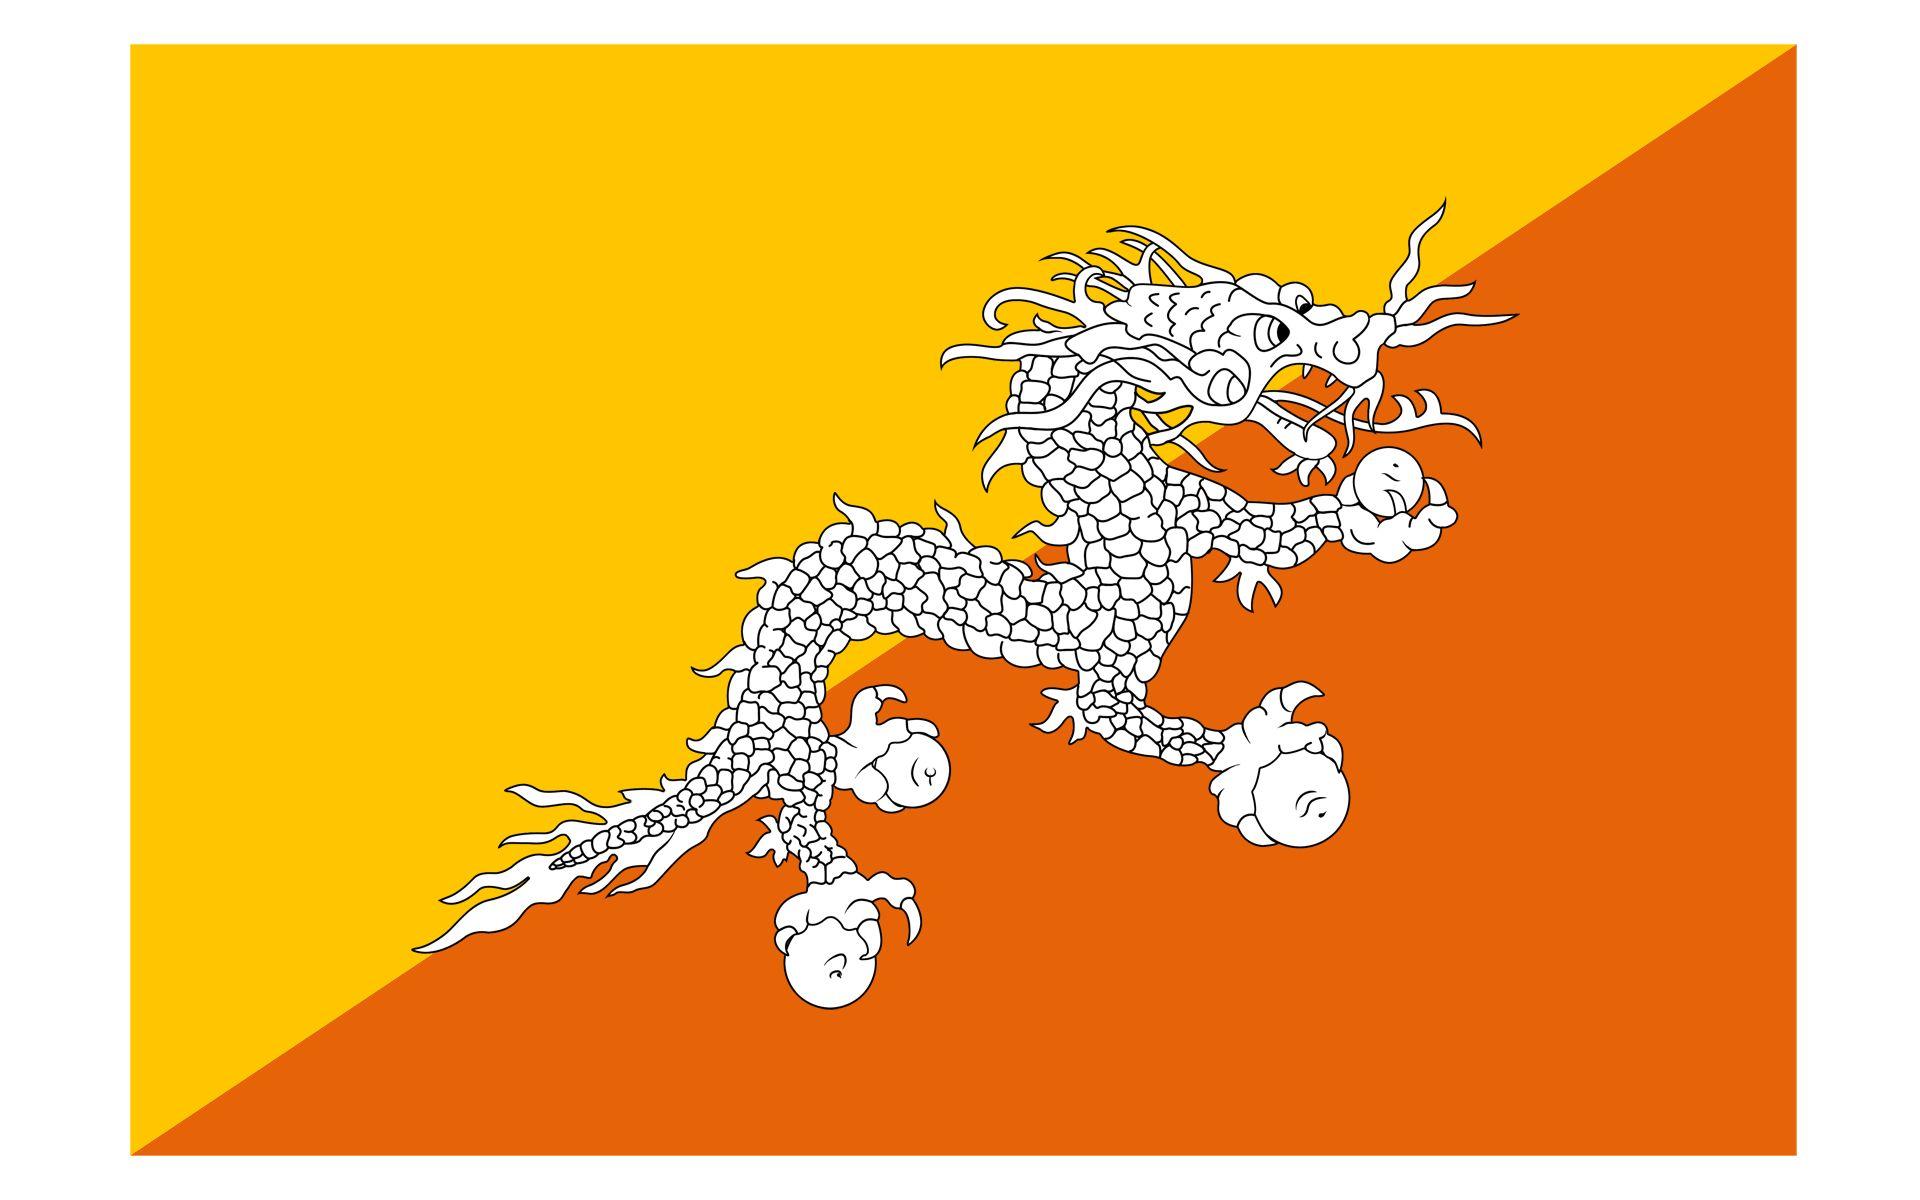 【不丹人口2018总人数】不丹人口数量2018|不丹男女比例